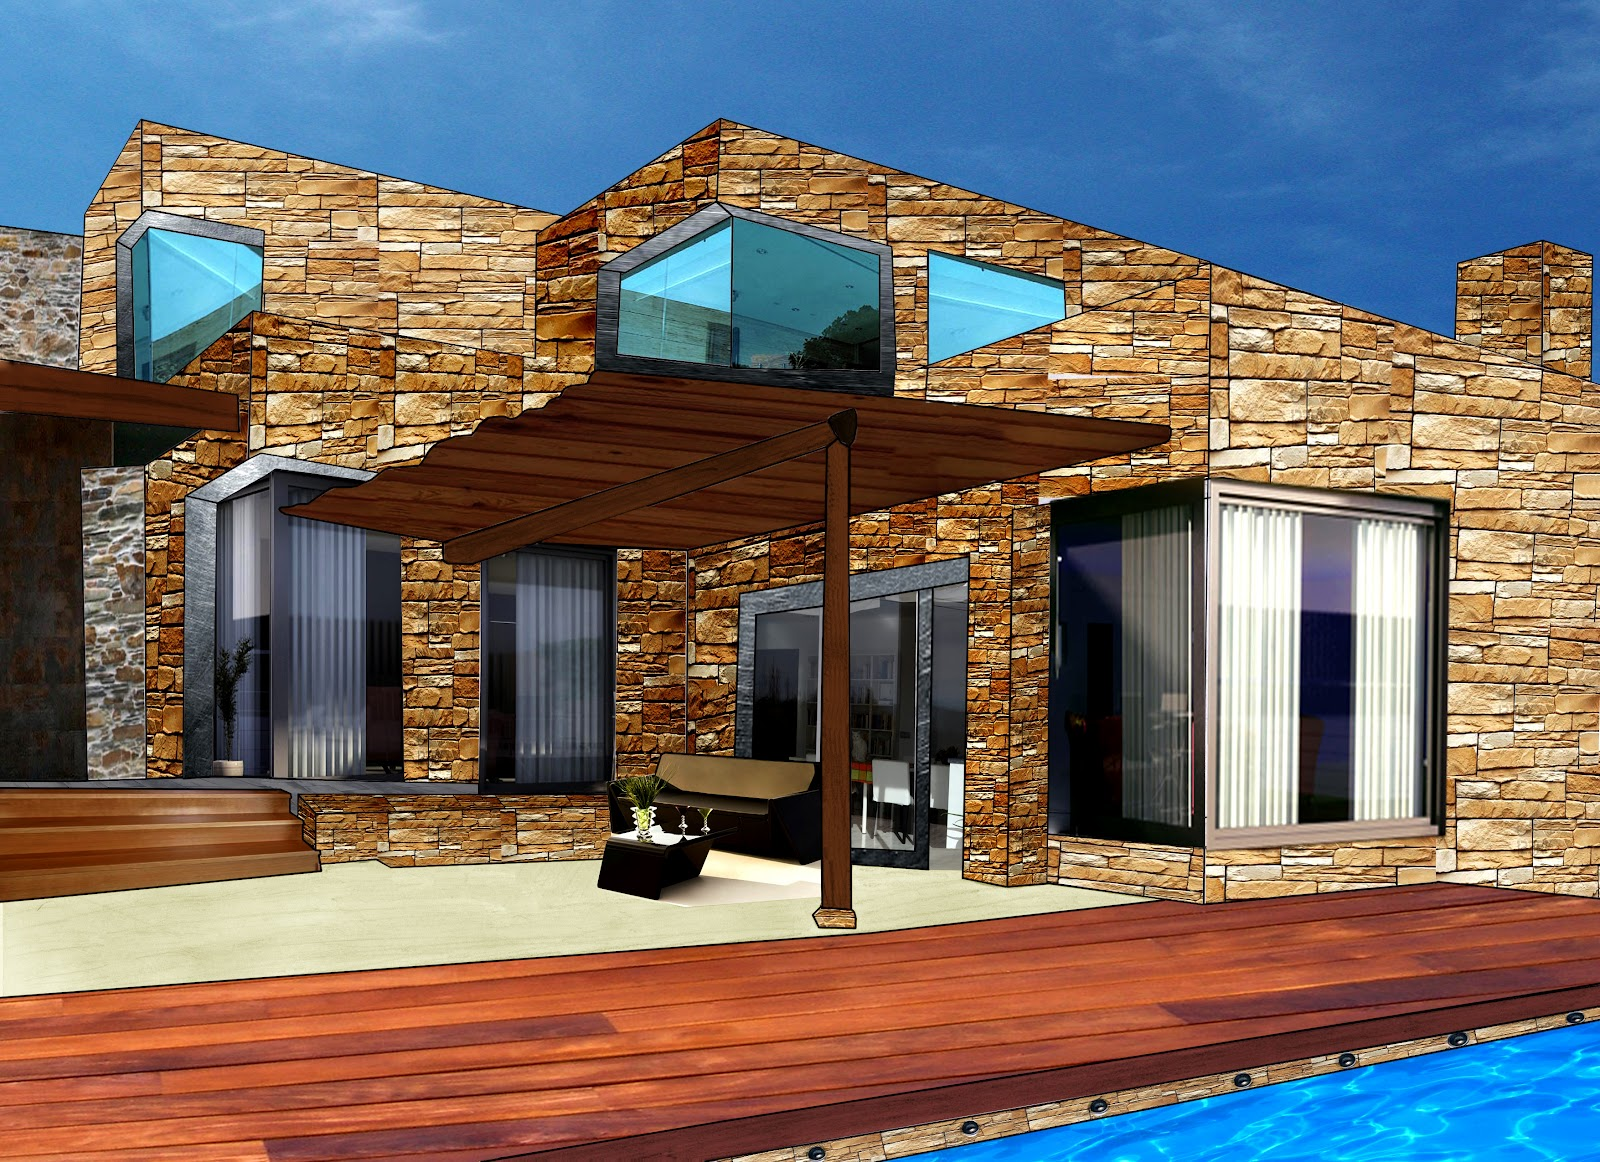 Dibujo y dise o digital casa modular de piedra for Casas con piscina bucaramanga